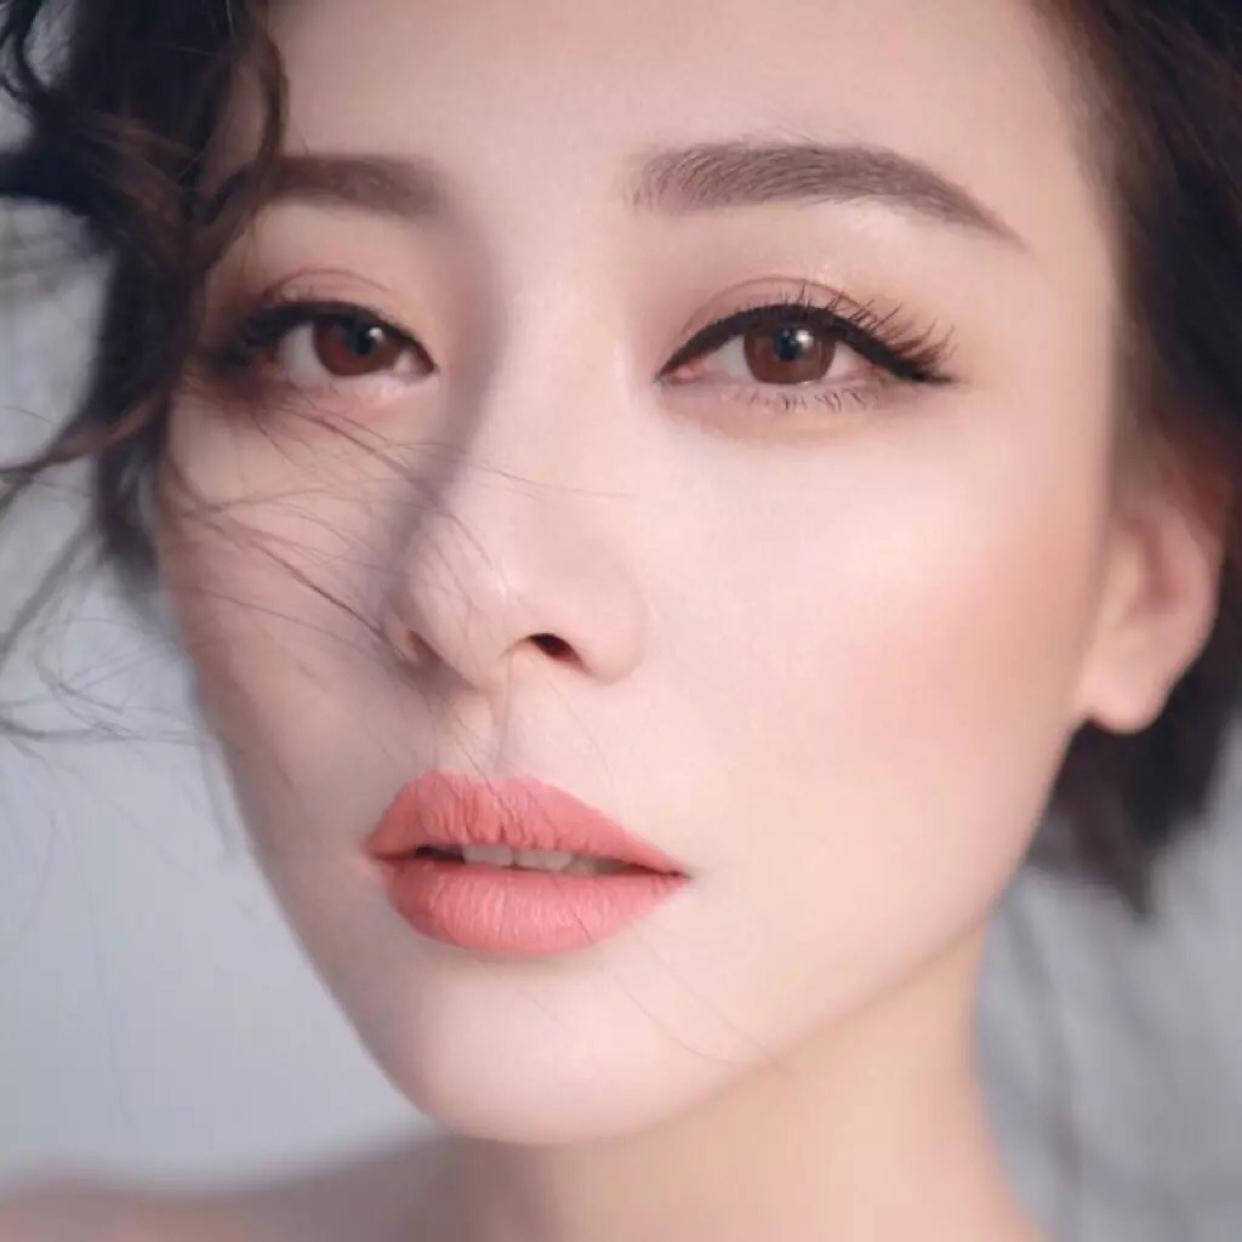 - 【伊程】御姐范清新裸妆